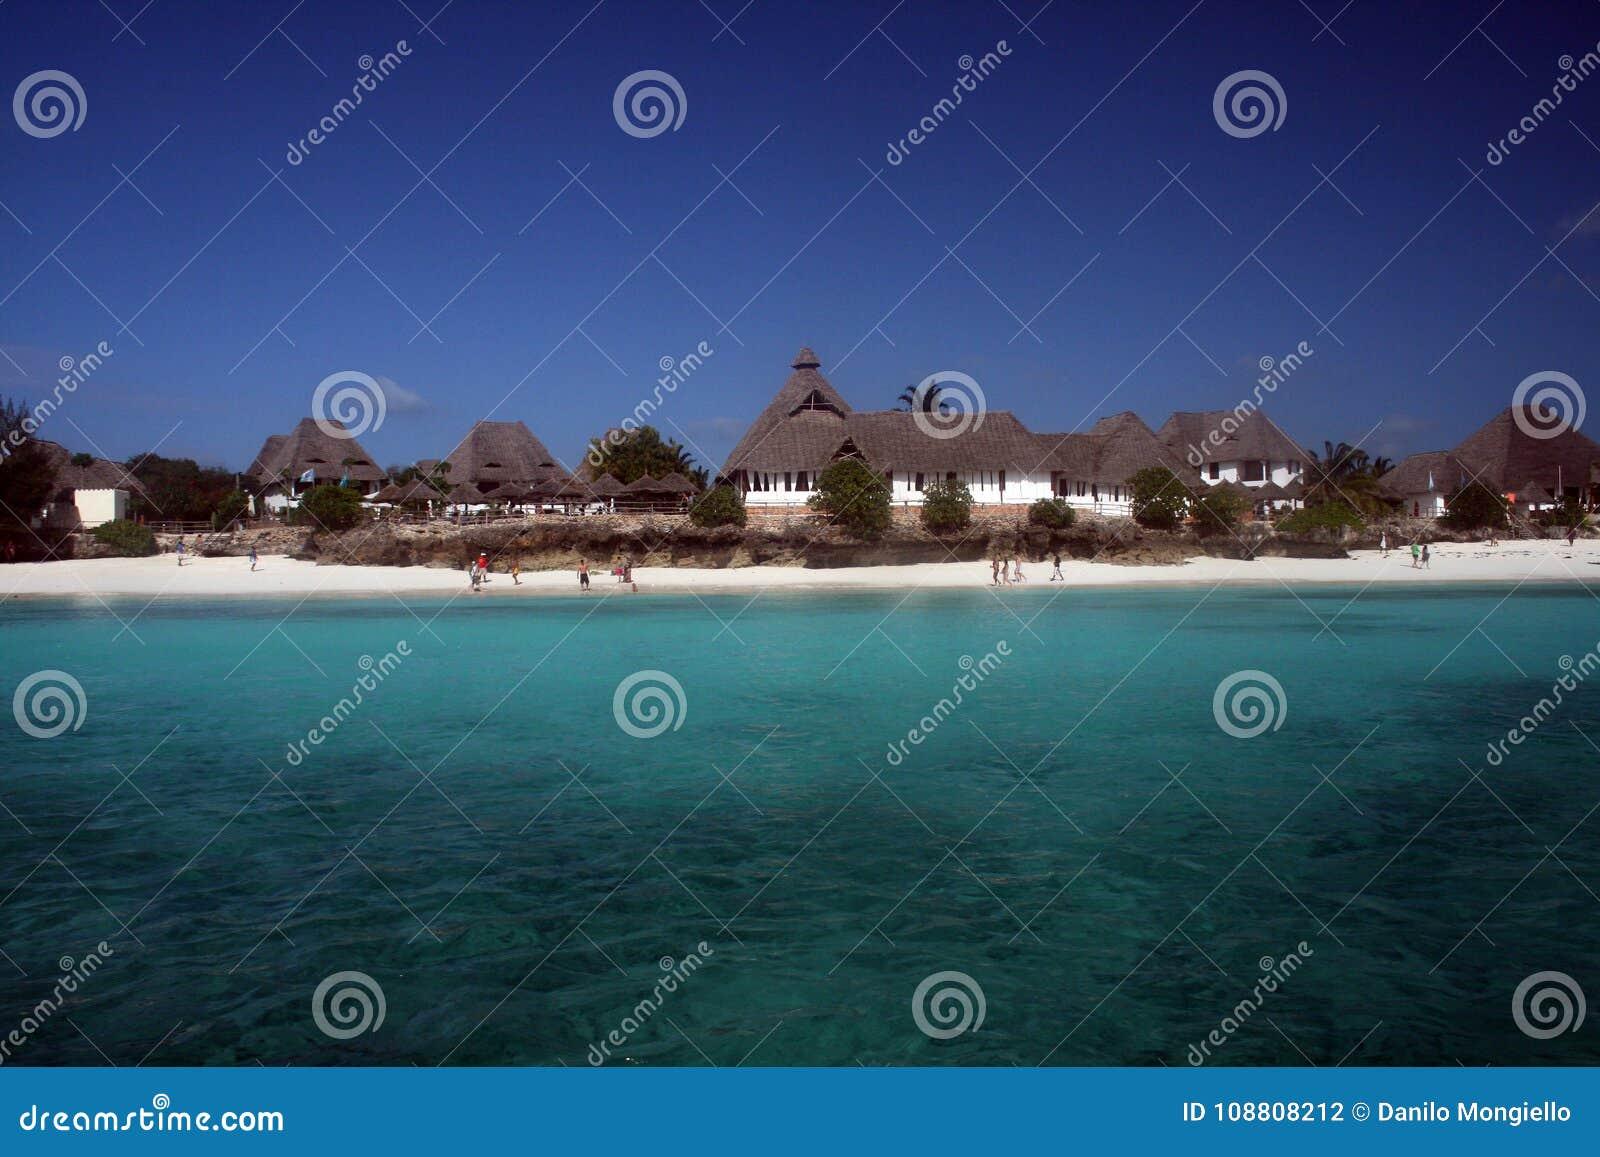 Best Tassa Di Soggiorno Zanzibar Pictures - Design Trends 2017 ...